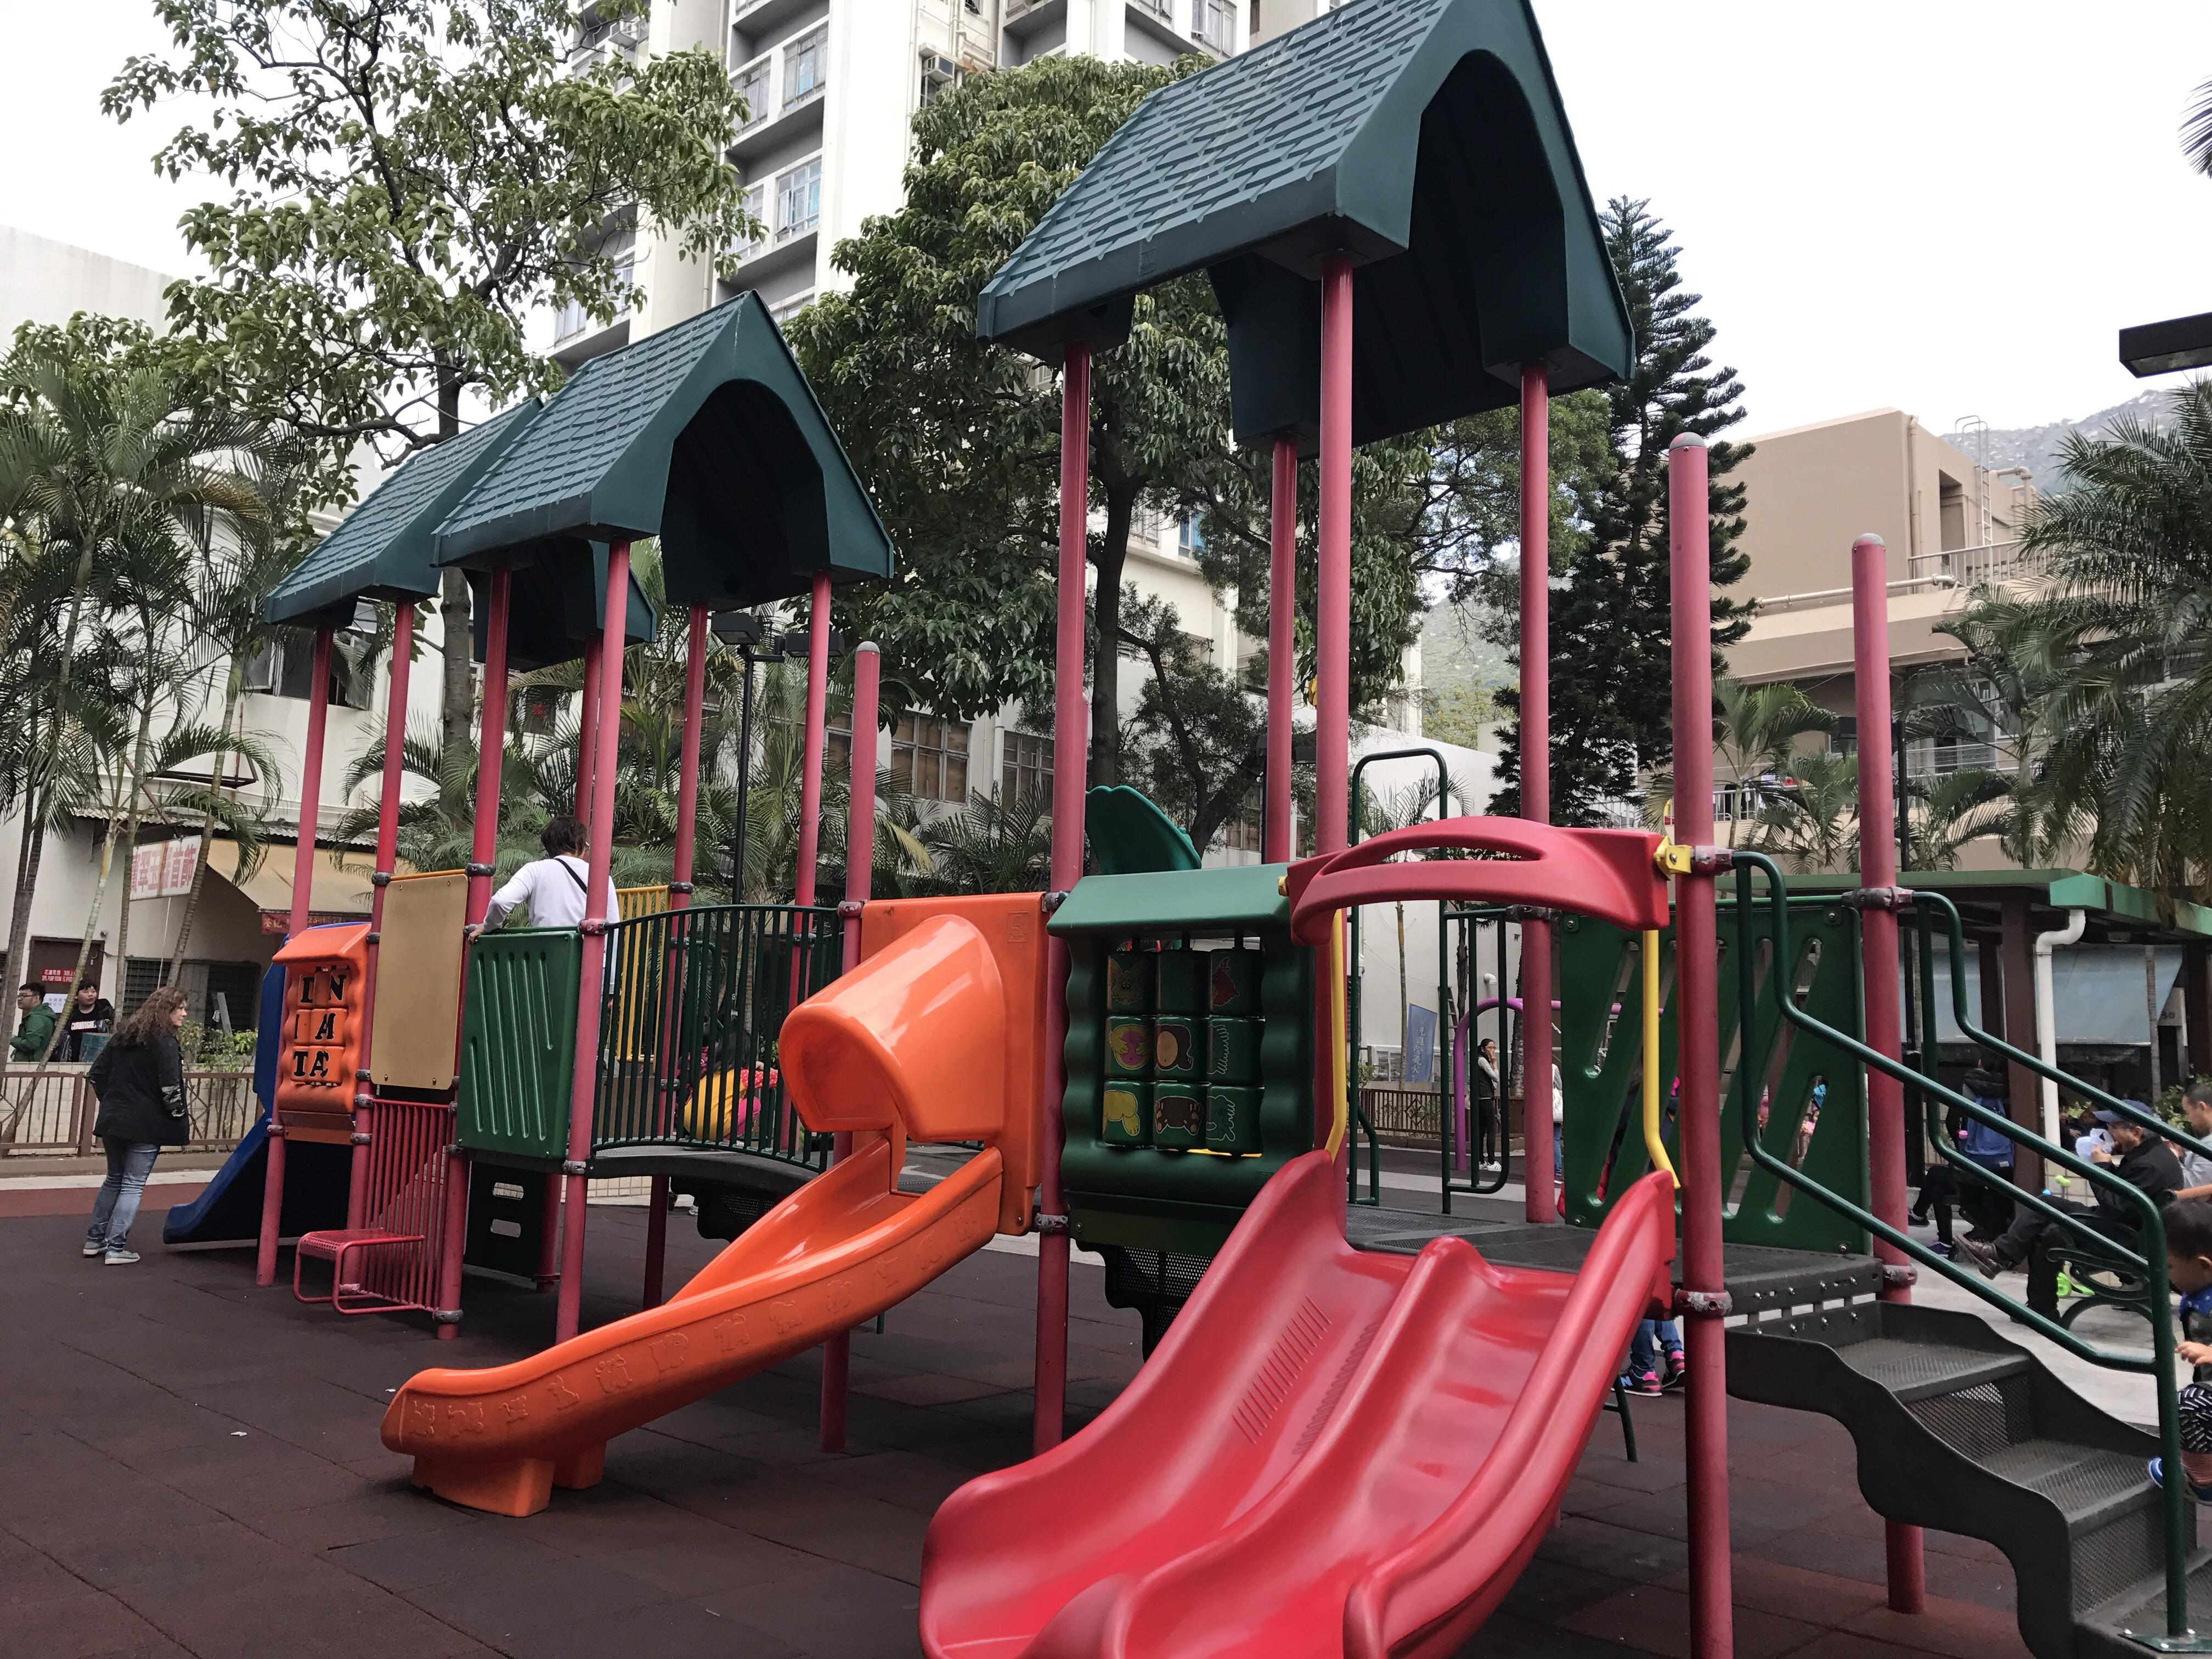 【親子公園】青山兒童遊樂場 | 小肥子星球